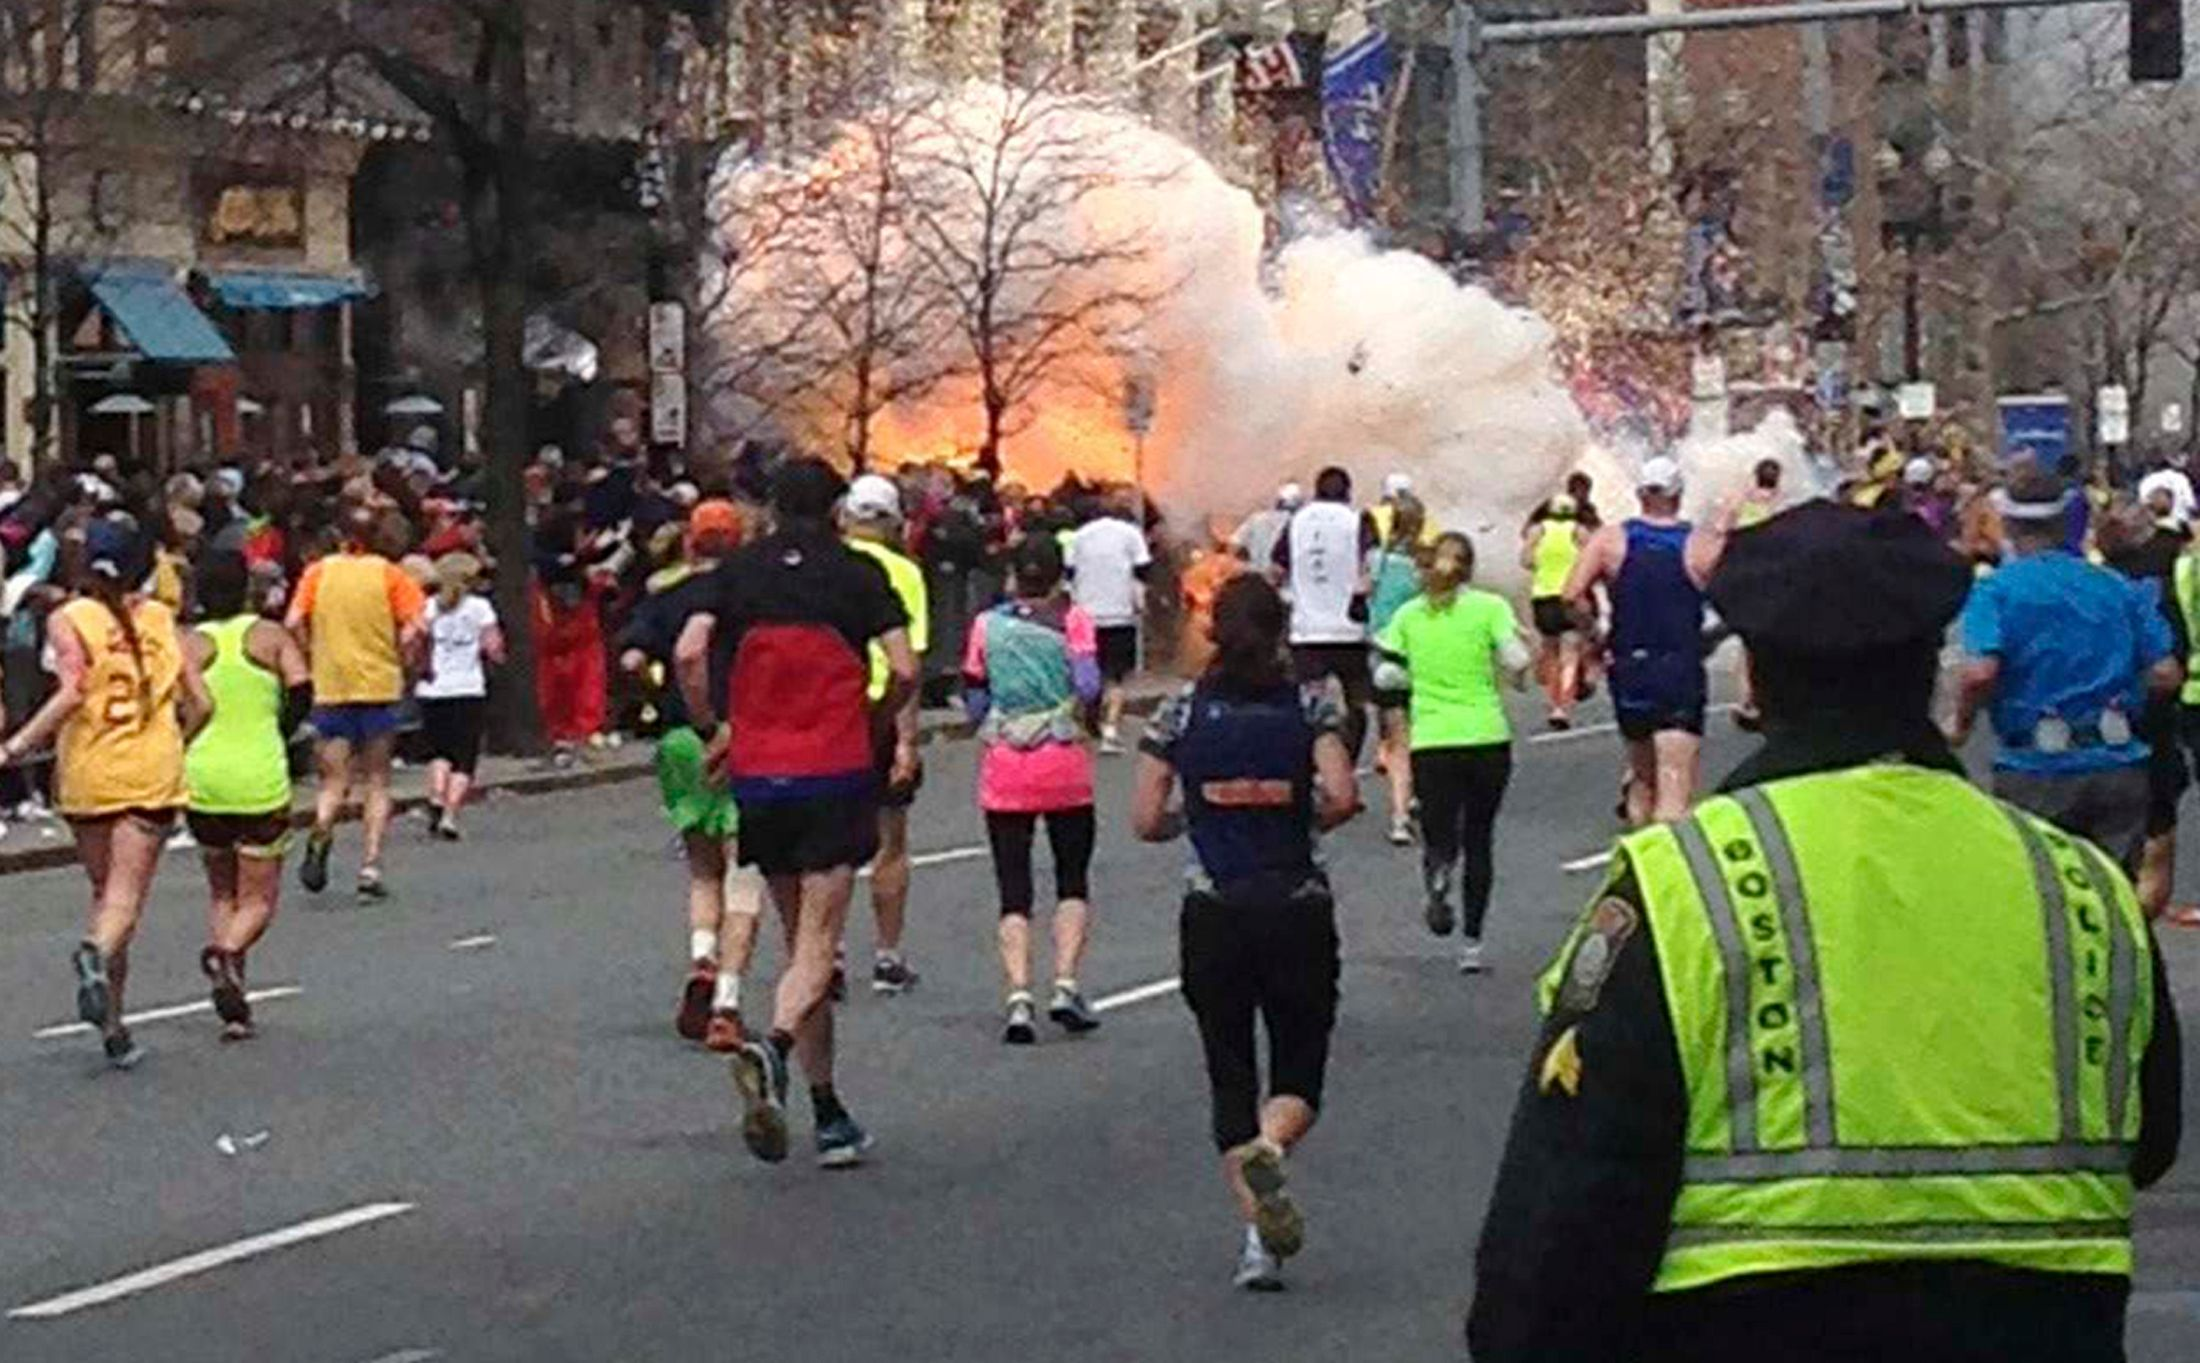 Les attentats avaient tué 3 personnes en 2013